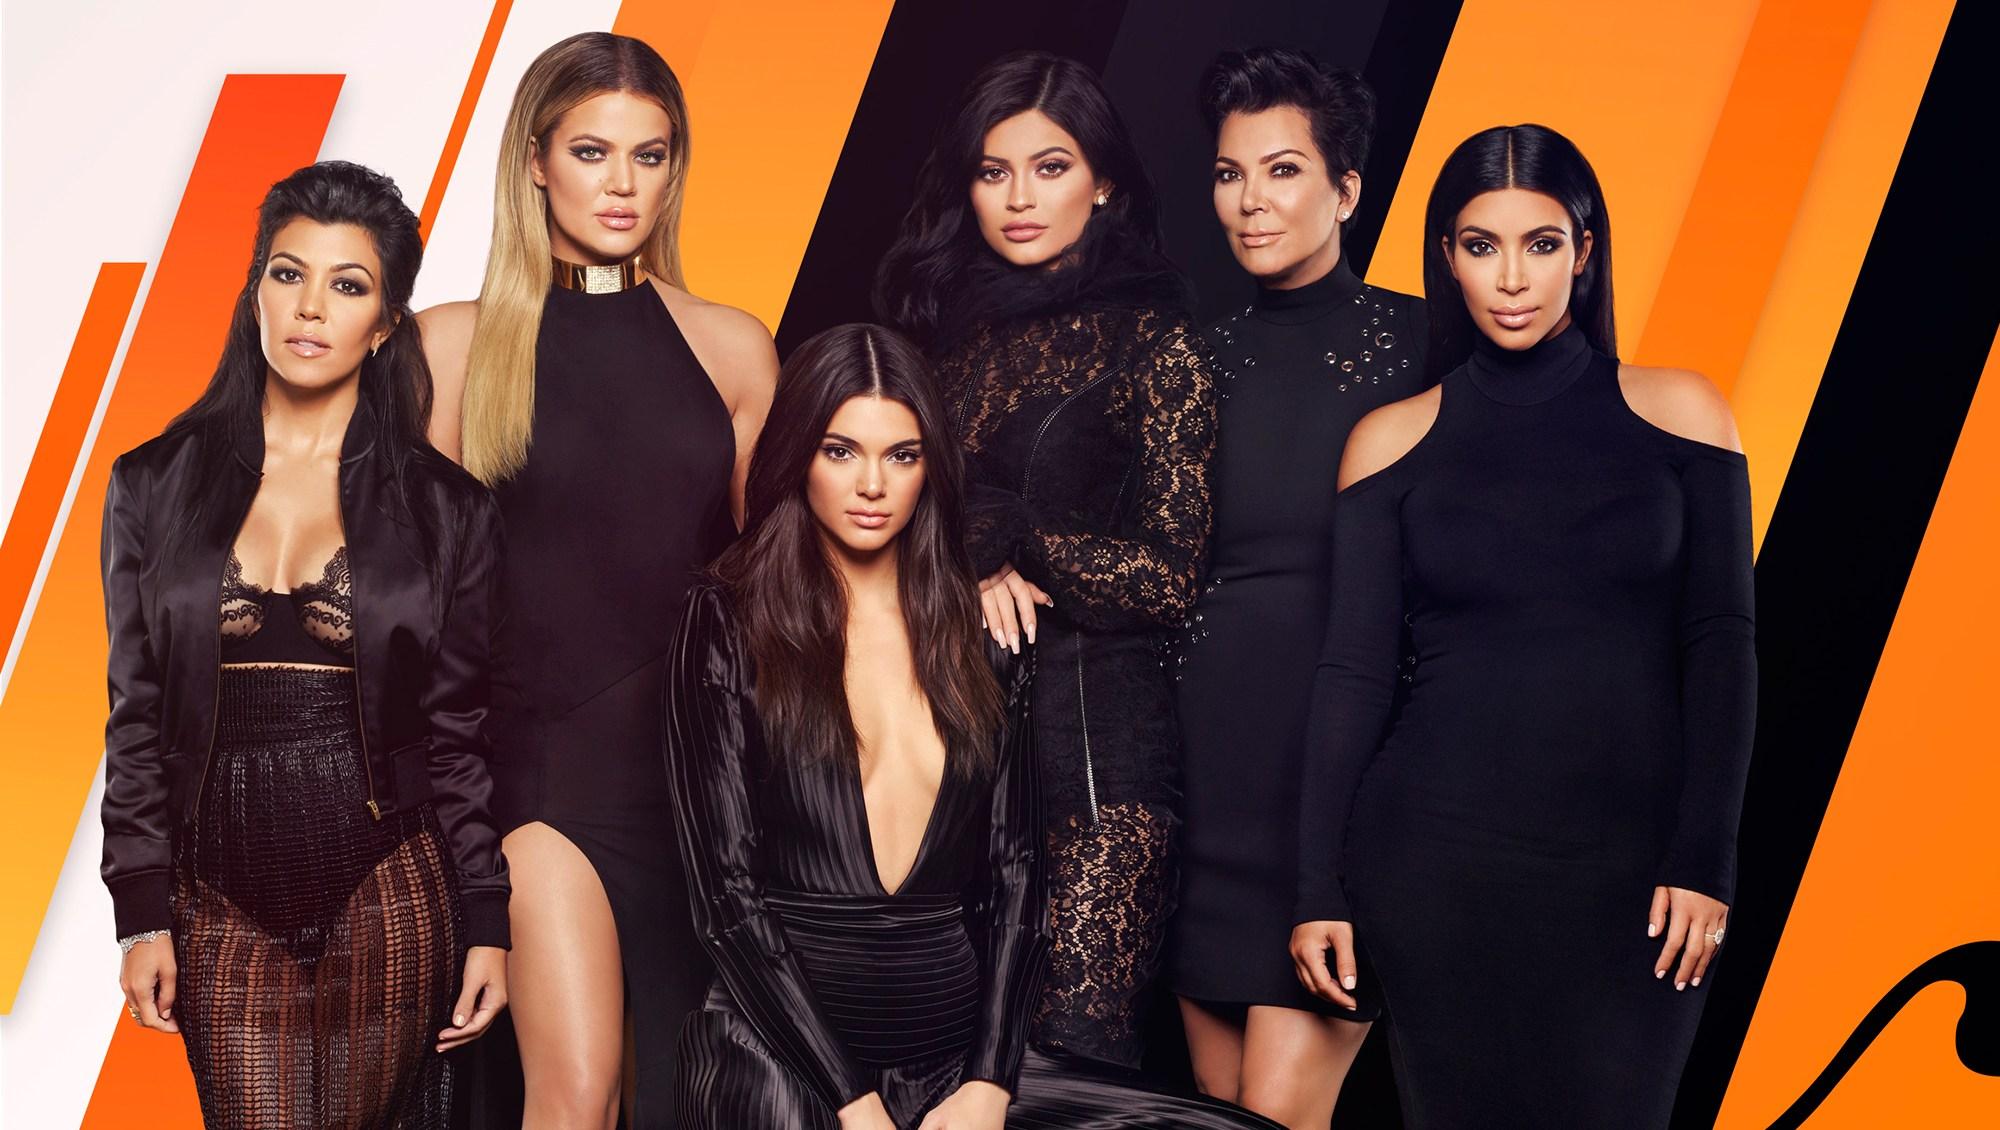 famous celebrity families